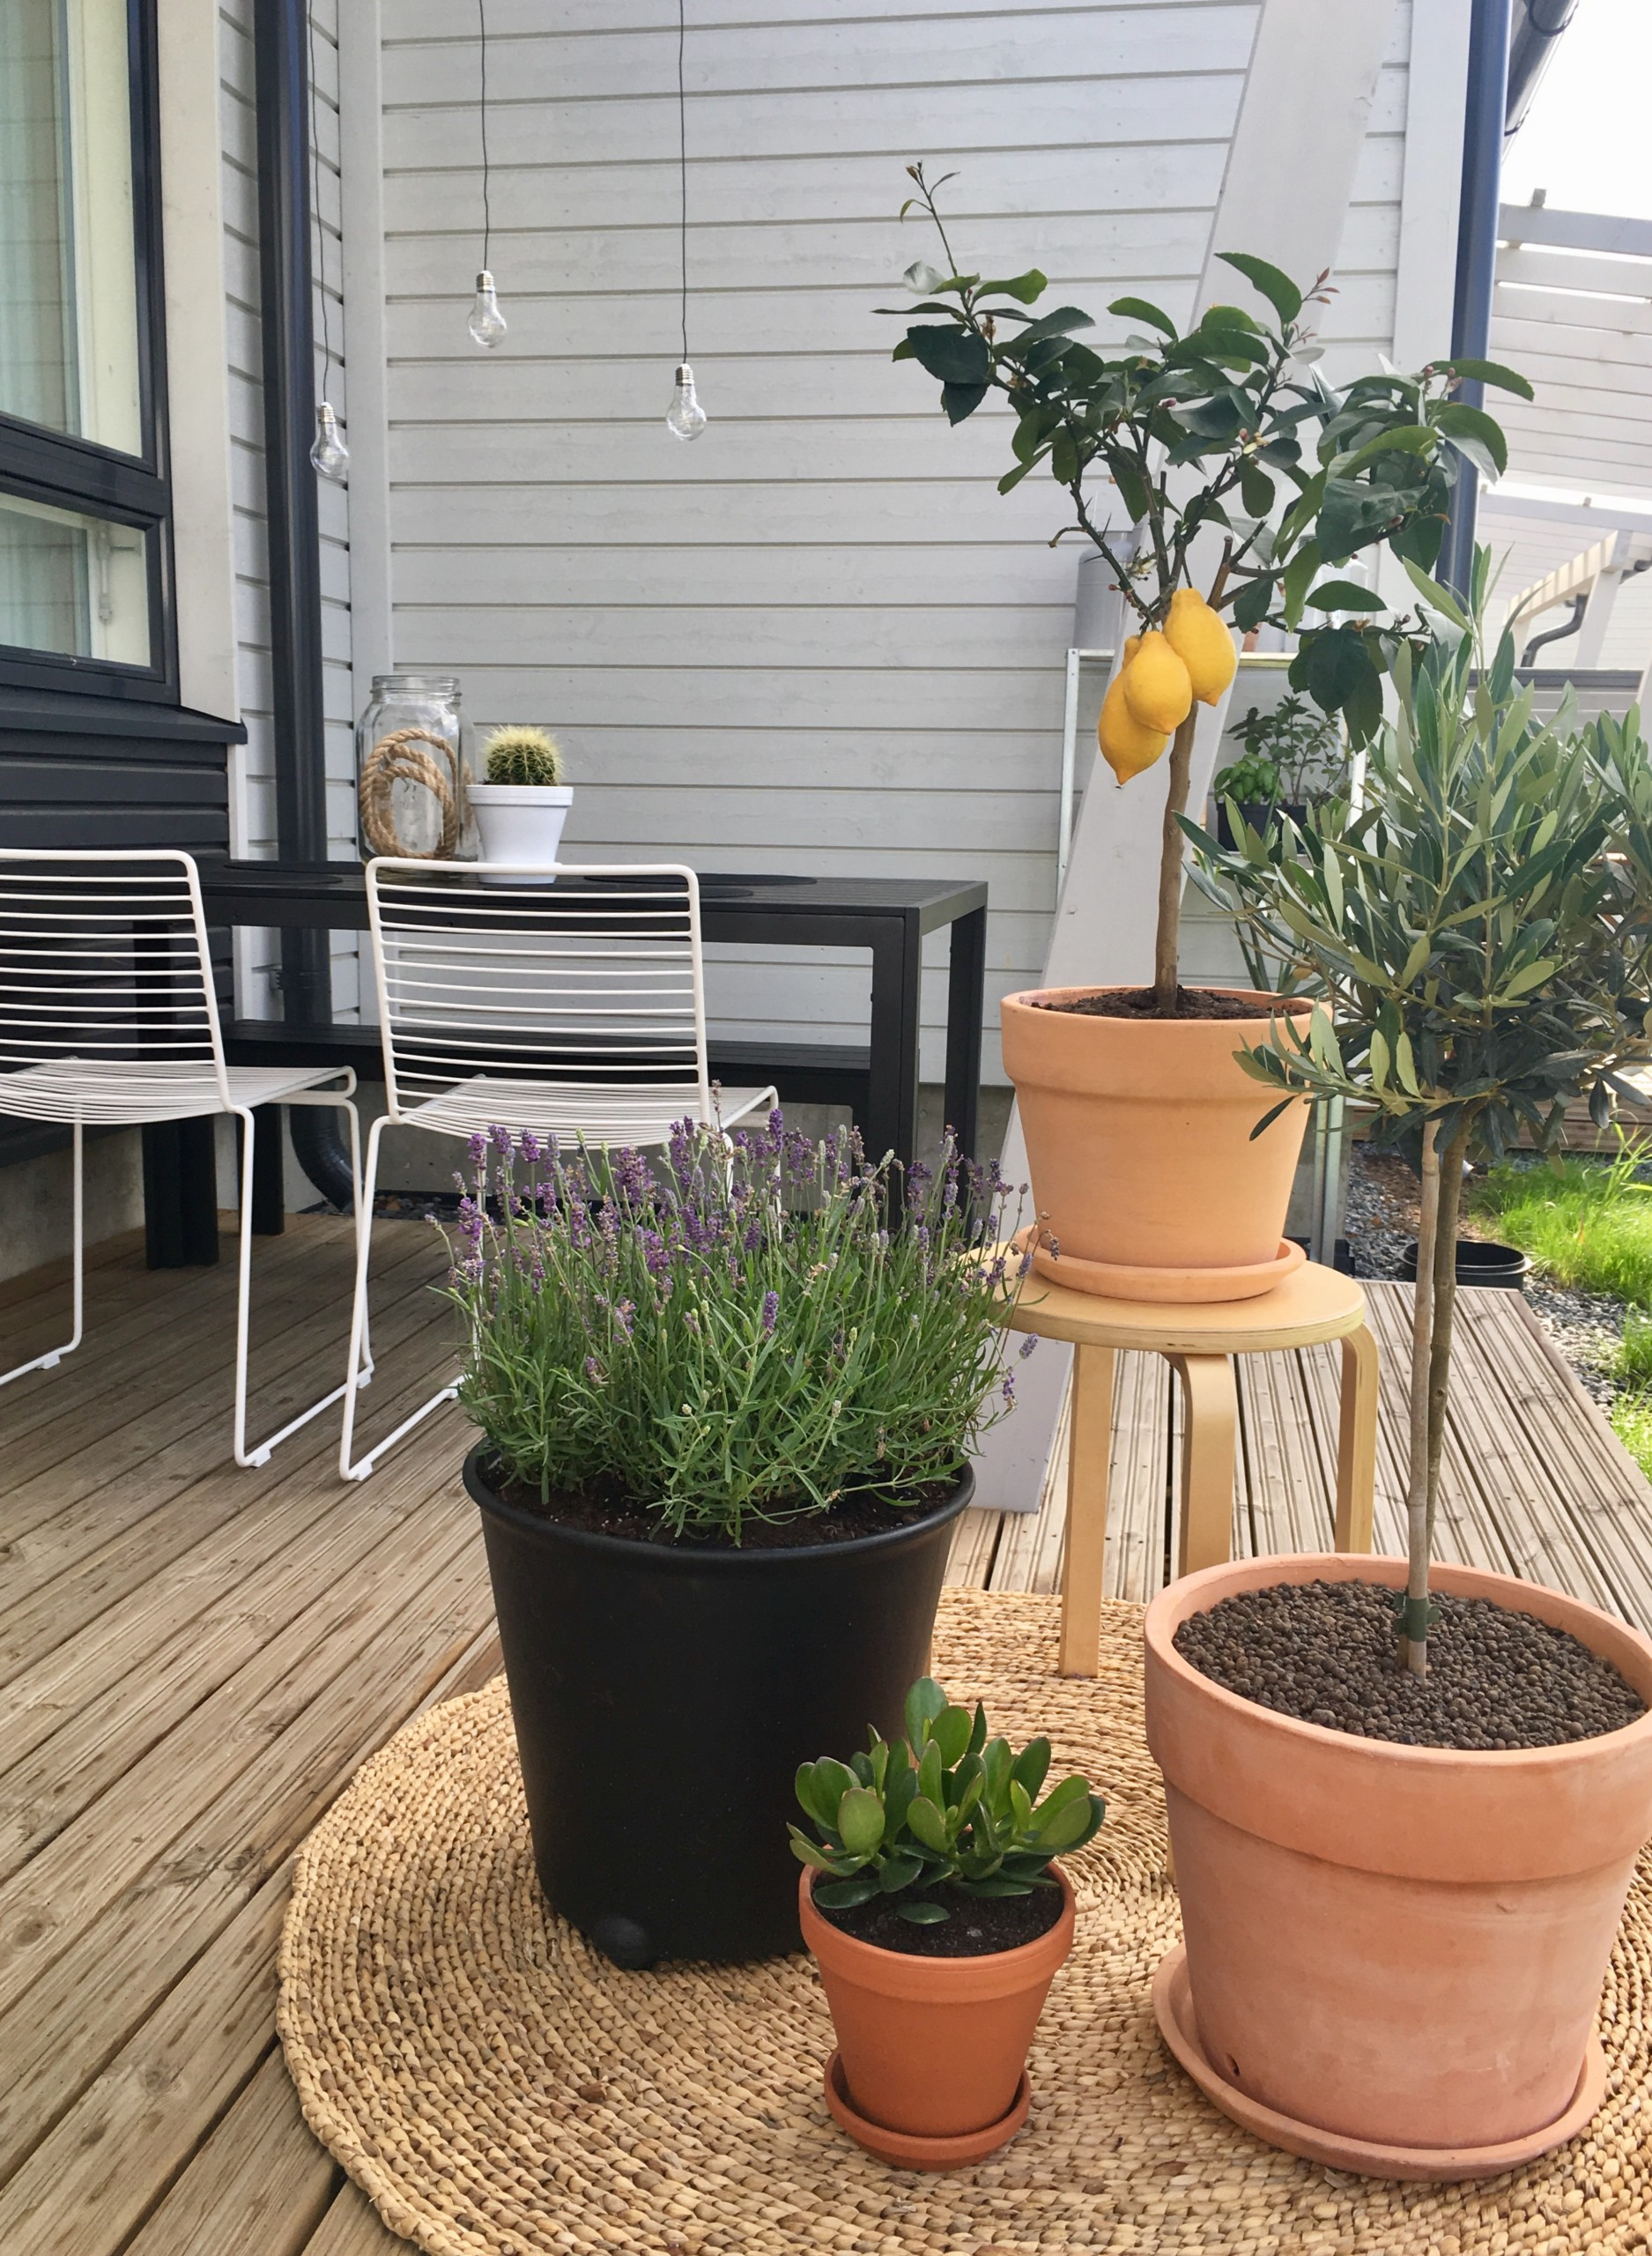 kaktus, laventeli ja oliivipuu